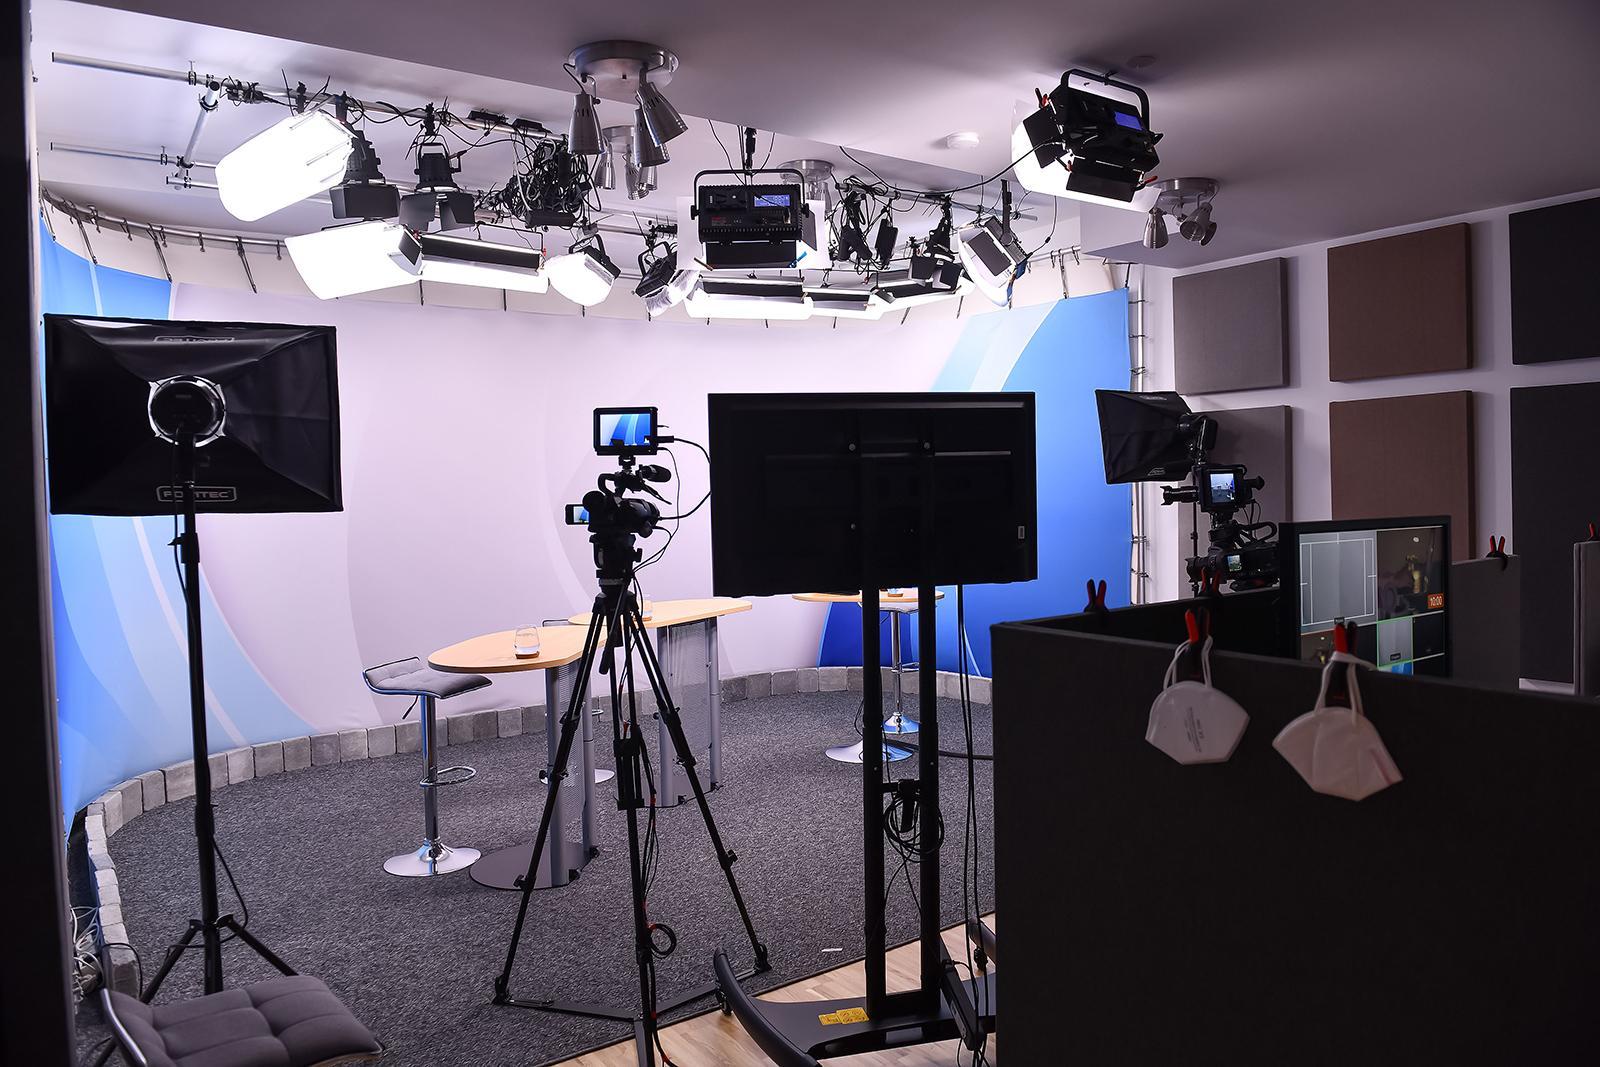 Ein Blick auf das Studiosetting: konkret die Technik und der Konferenztisch.